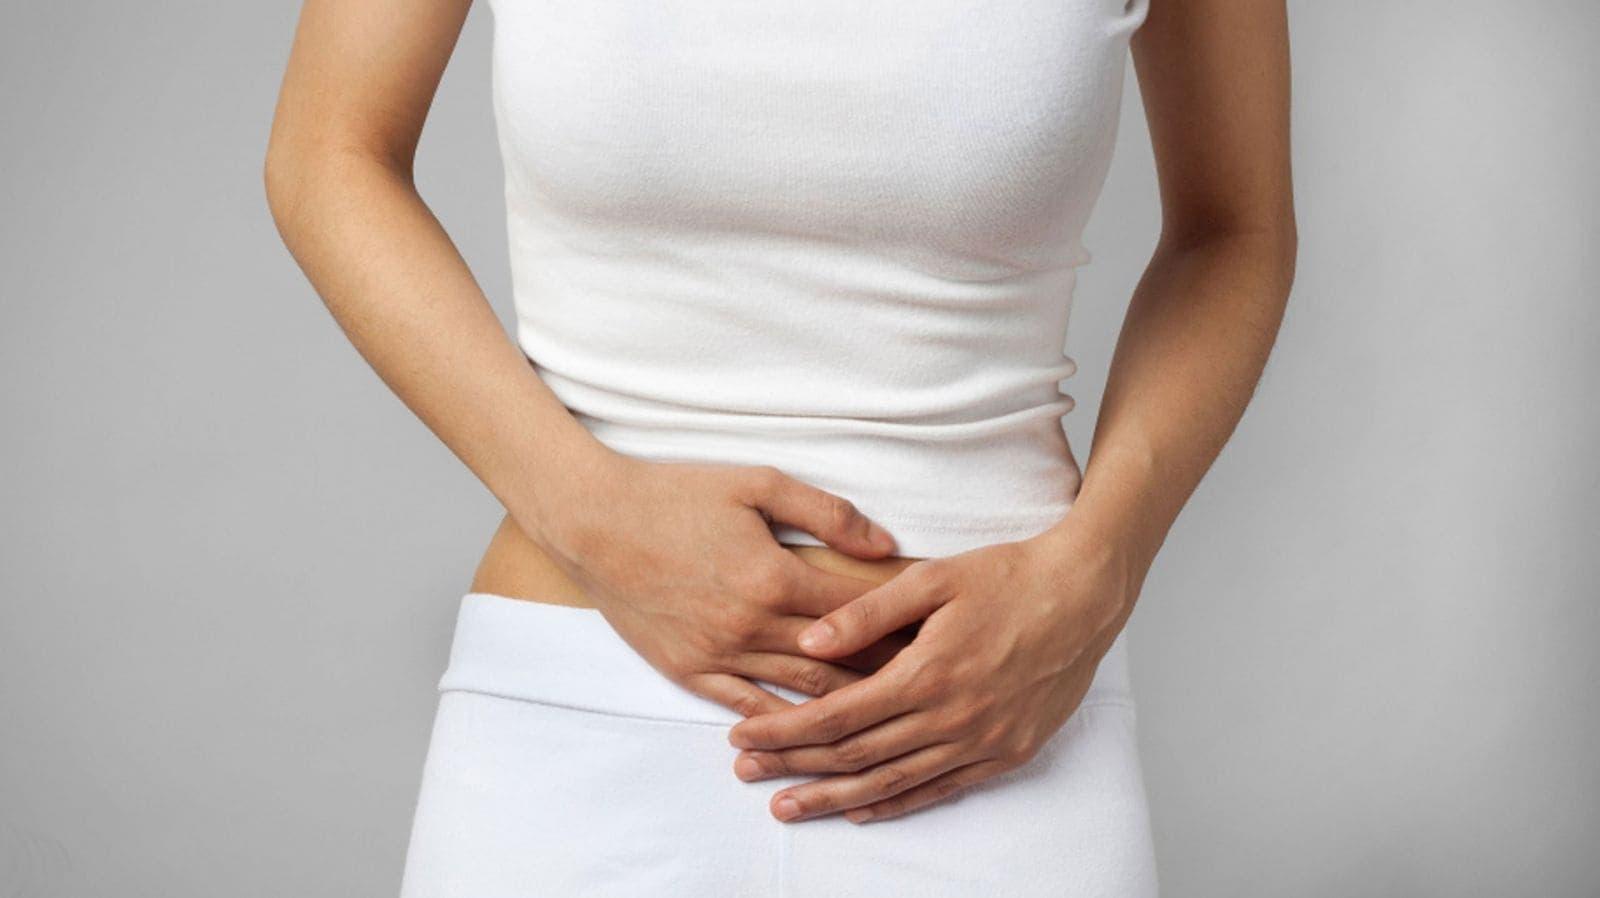 Если болит живот и есть кровянистые выделения — вероятность апоплексии очень высока